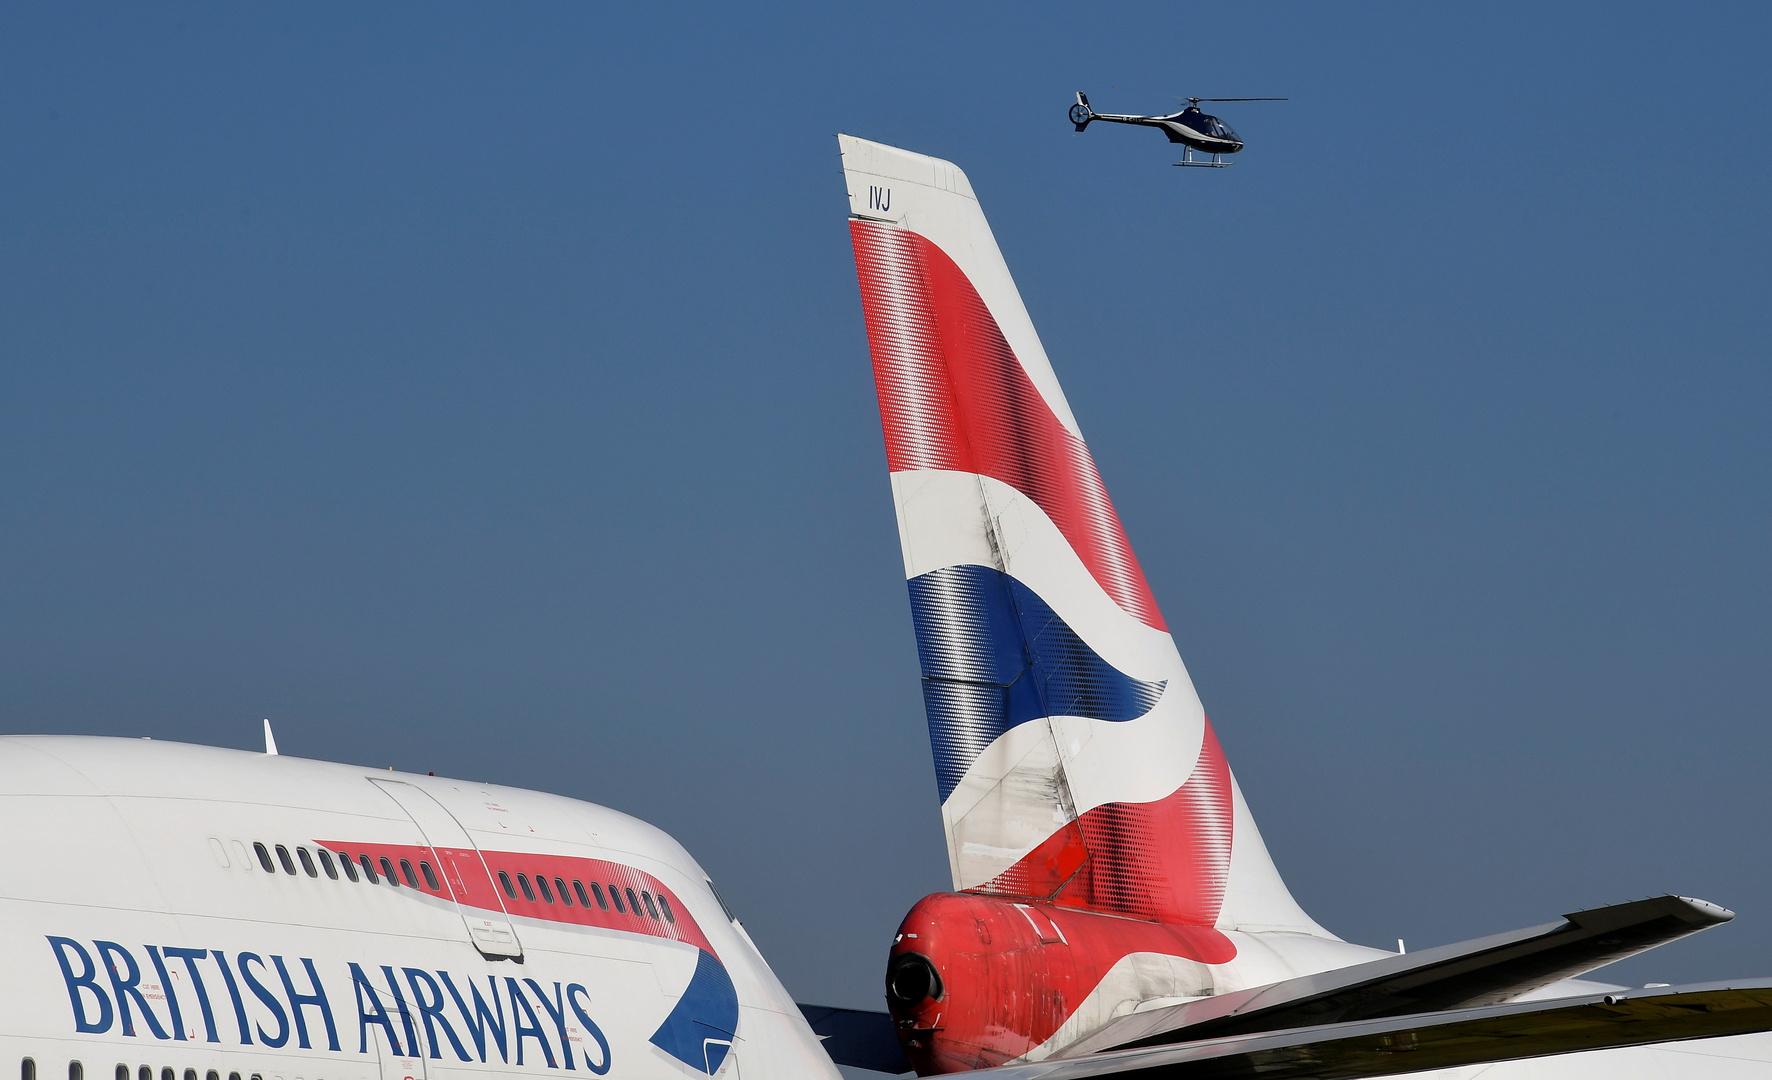 الخطوط الجوية البريطانية تلغي رحلات اليوم من وإلى تل أبيب